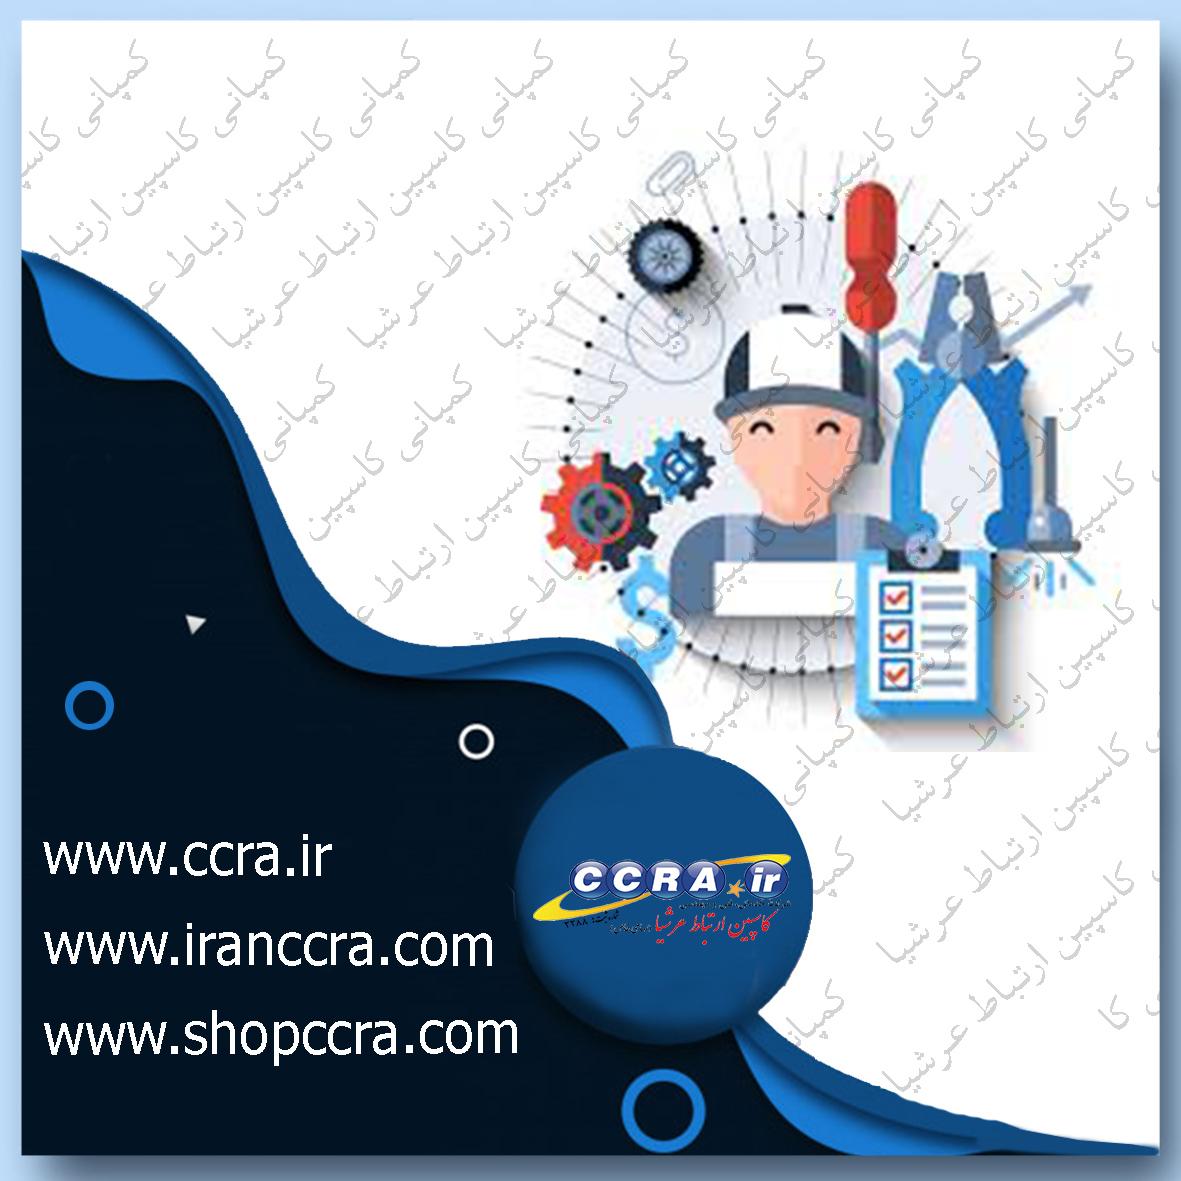 پوشش کلیه خدمات پس از فروش دستگاه های تصفیه آب خانگی آکوا لایف